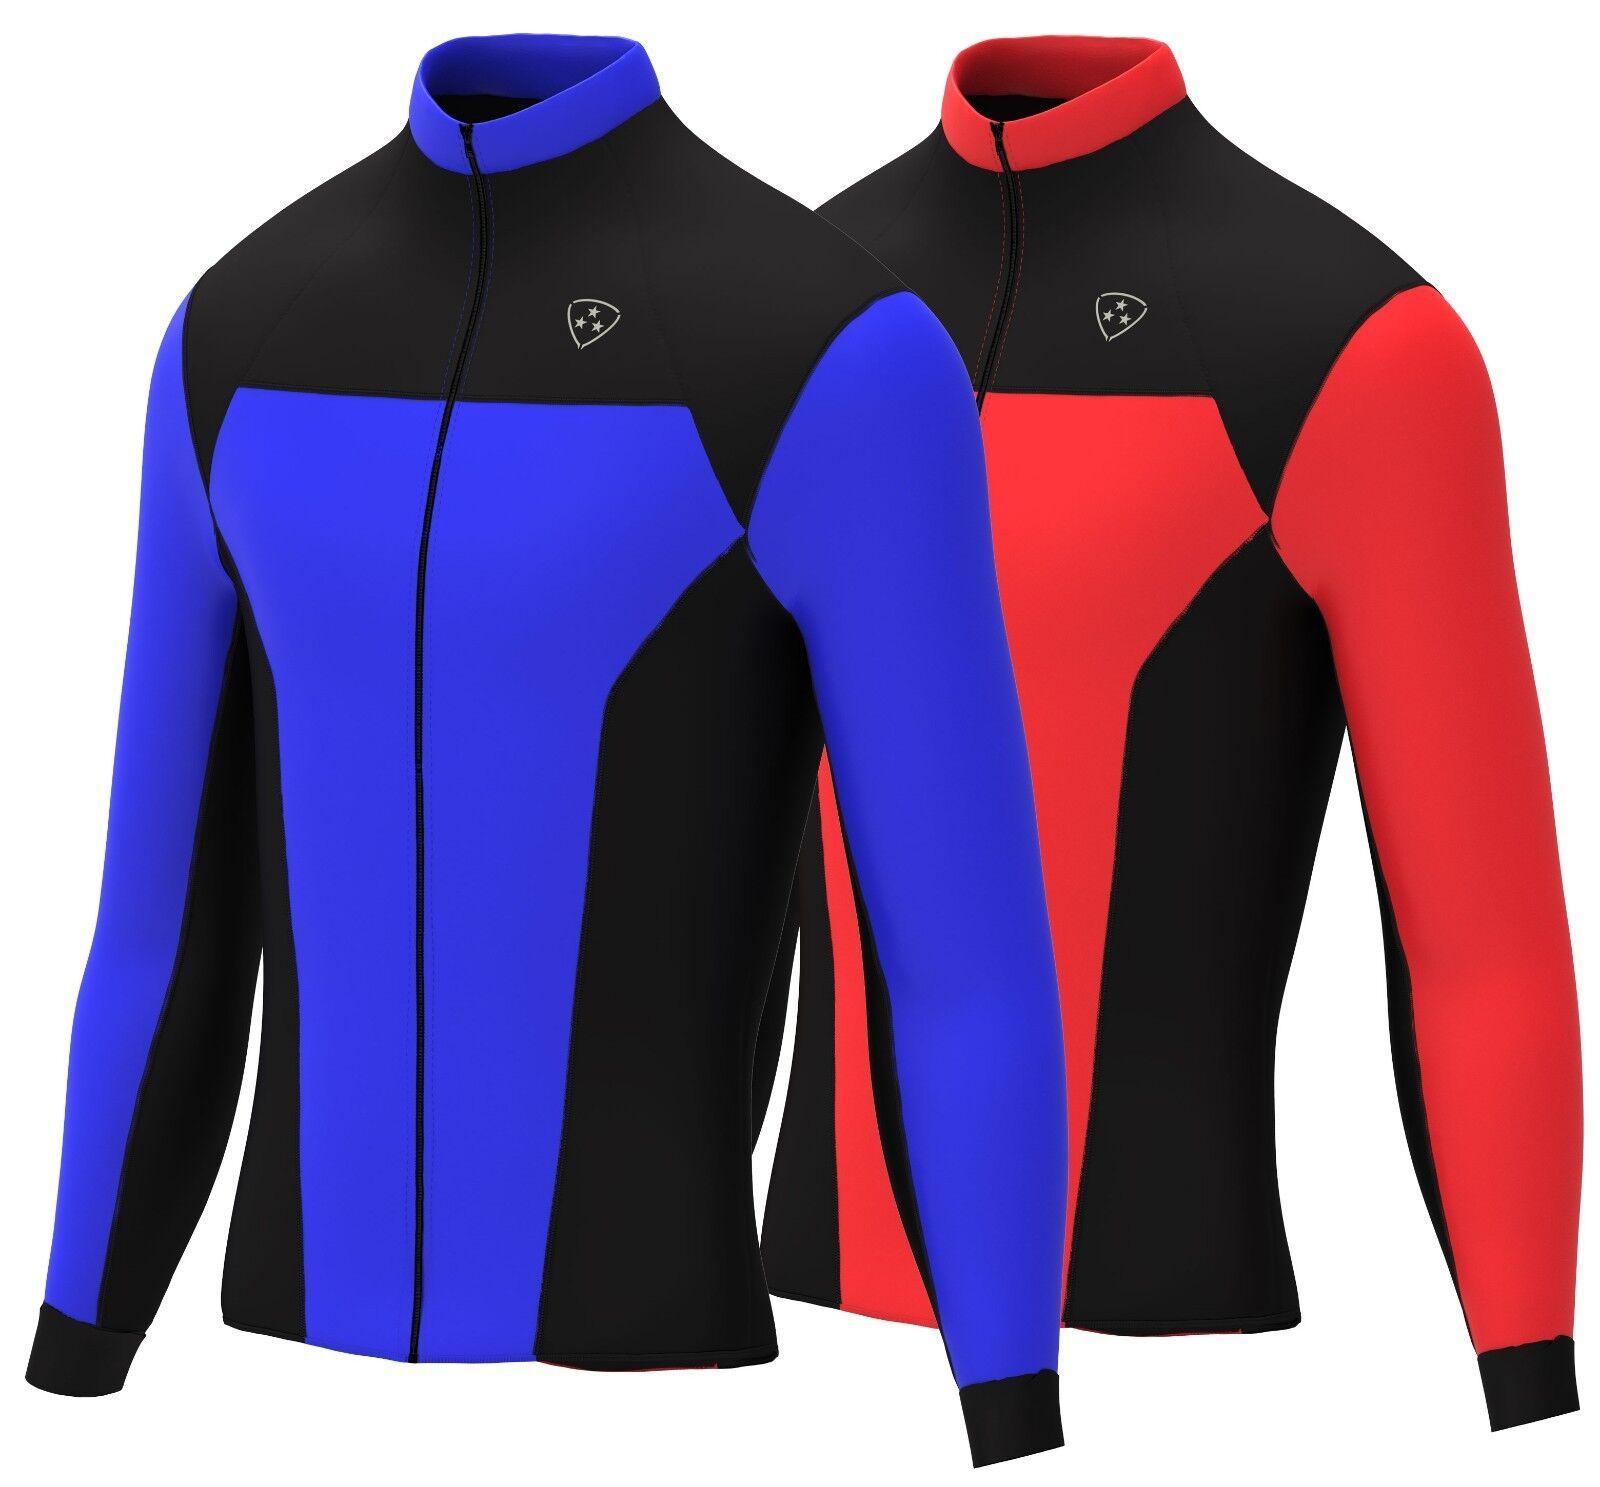 Maillot Ciclismo Hombre Manga Larga Cold Wear Wear Wear Polar Térmico Camiseta para Bici  marcas de moda